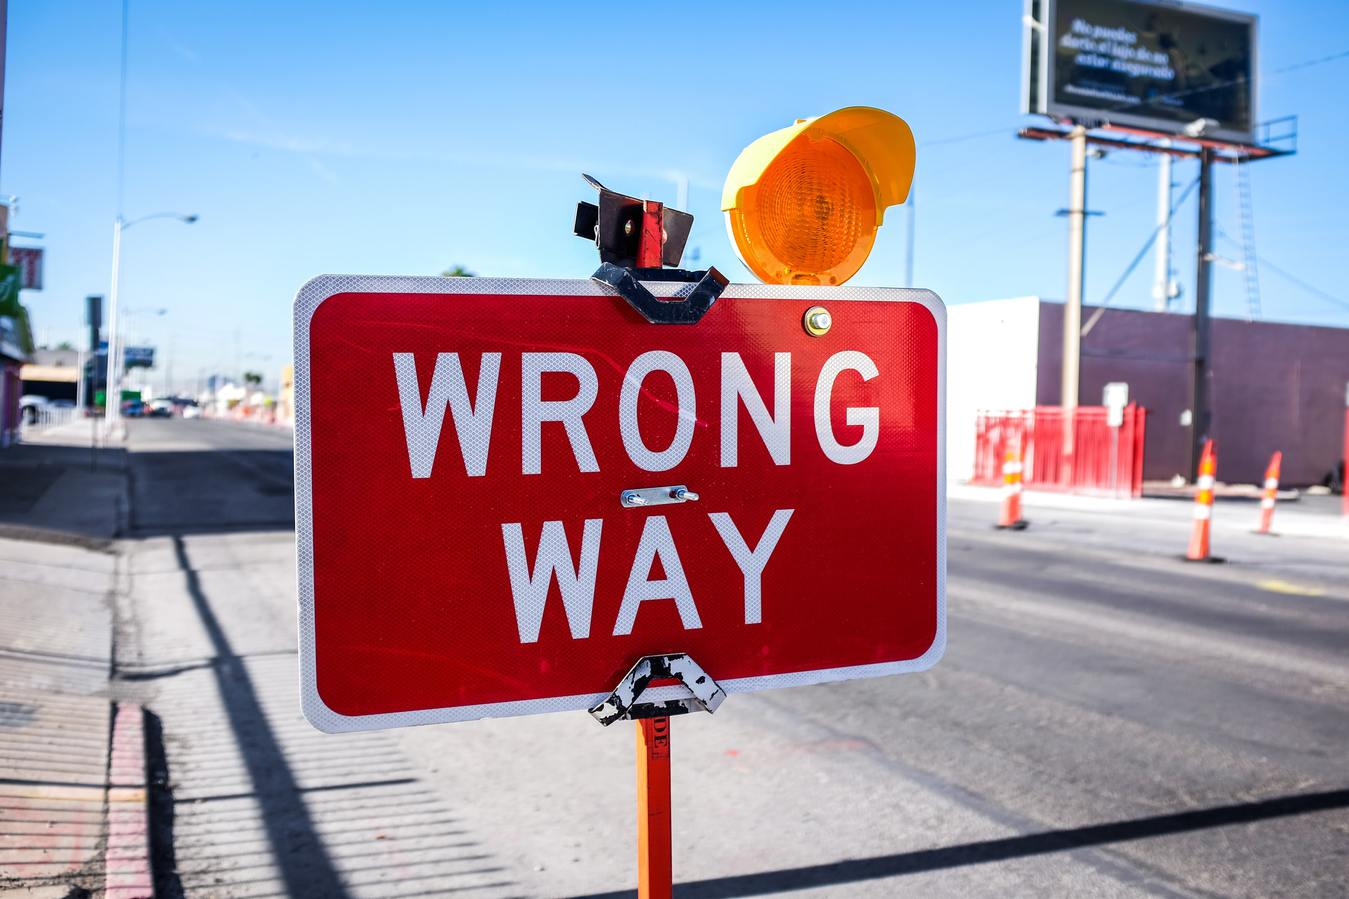 bảng đỏ ghi chữ nhầm đường